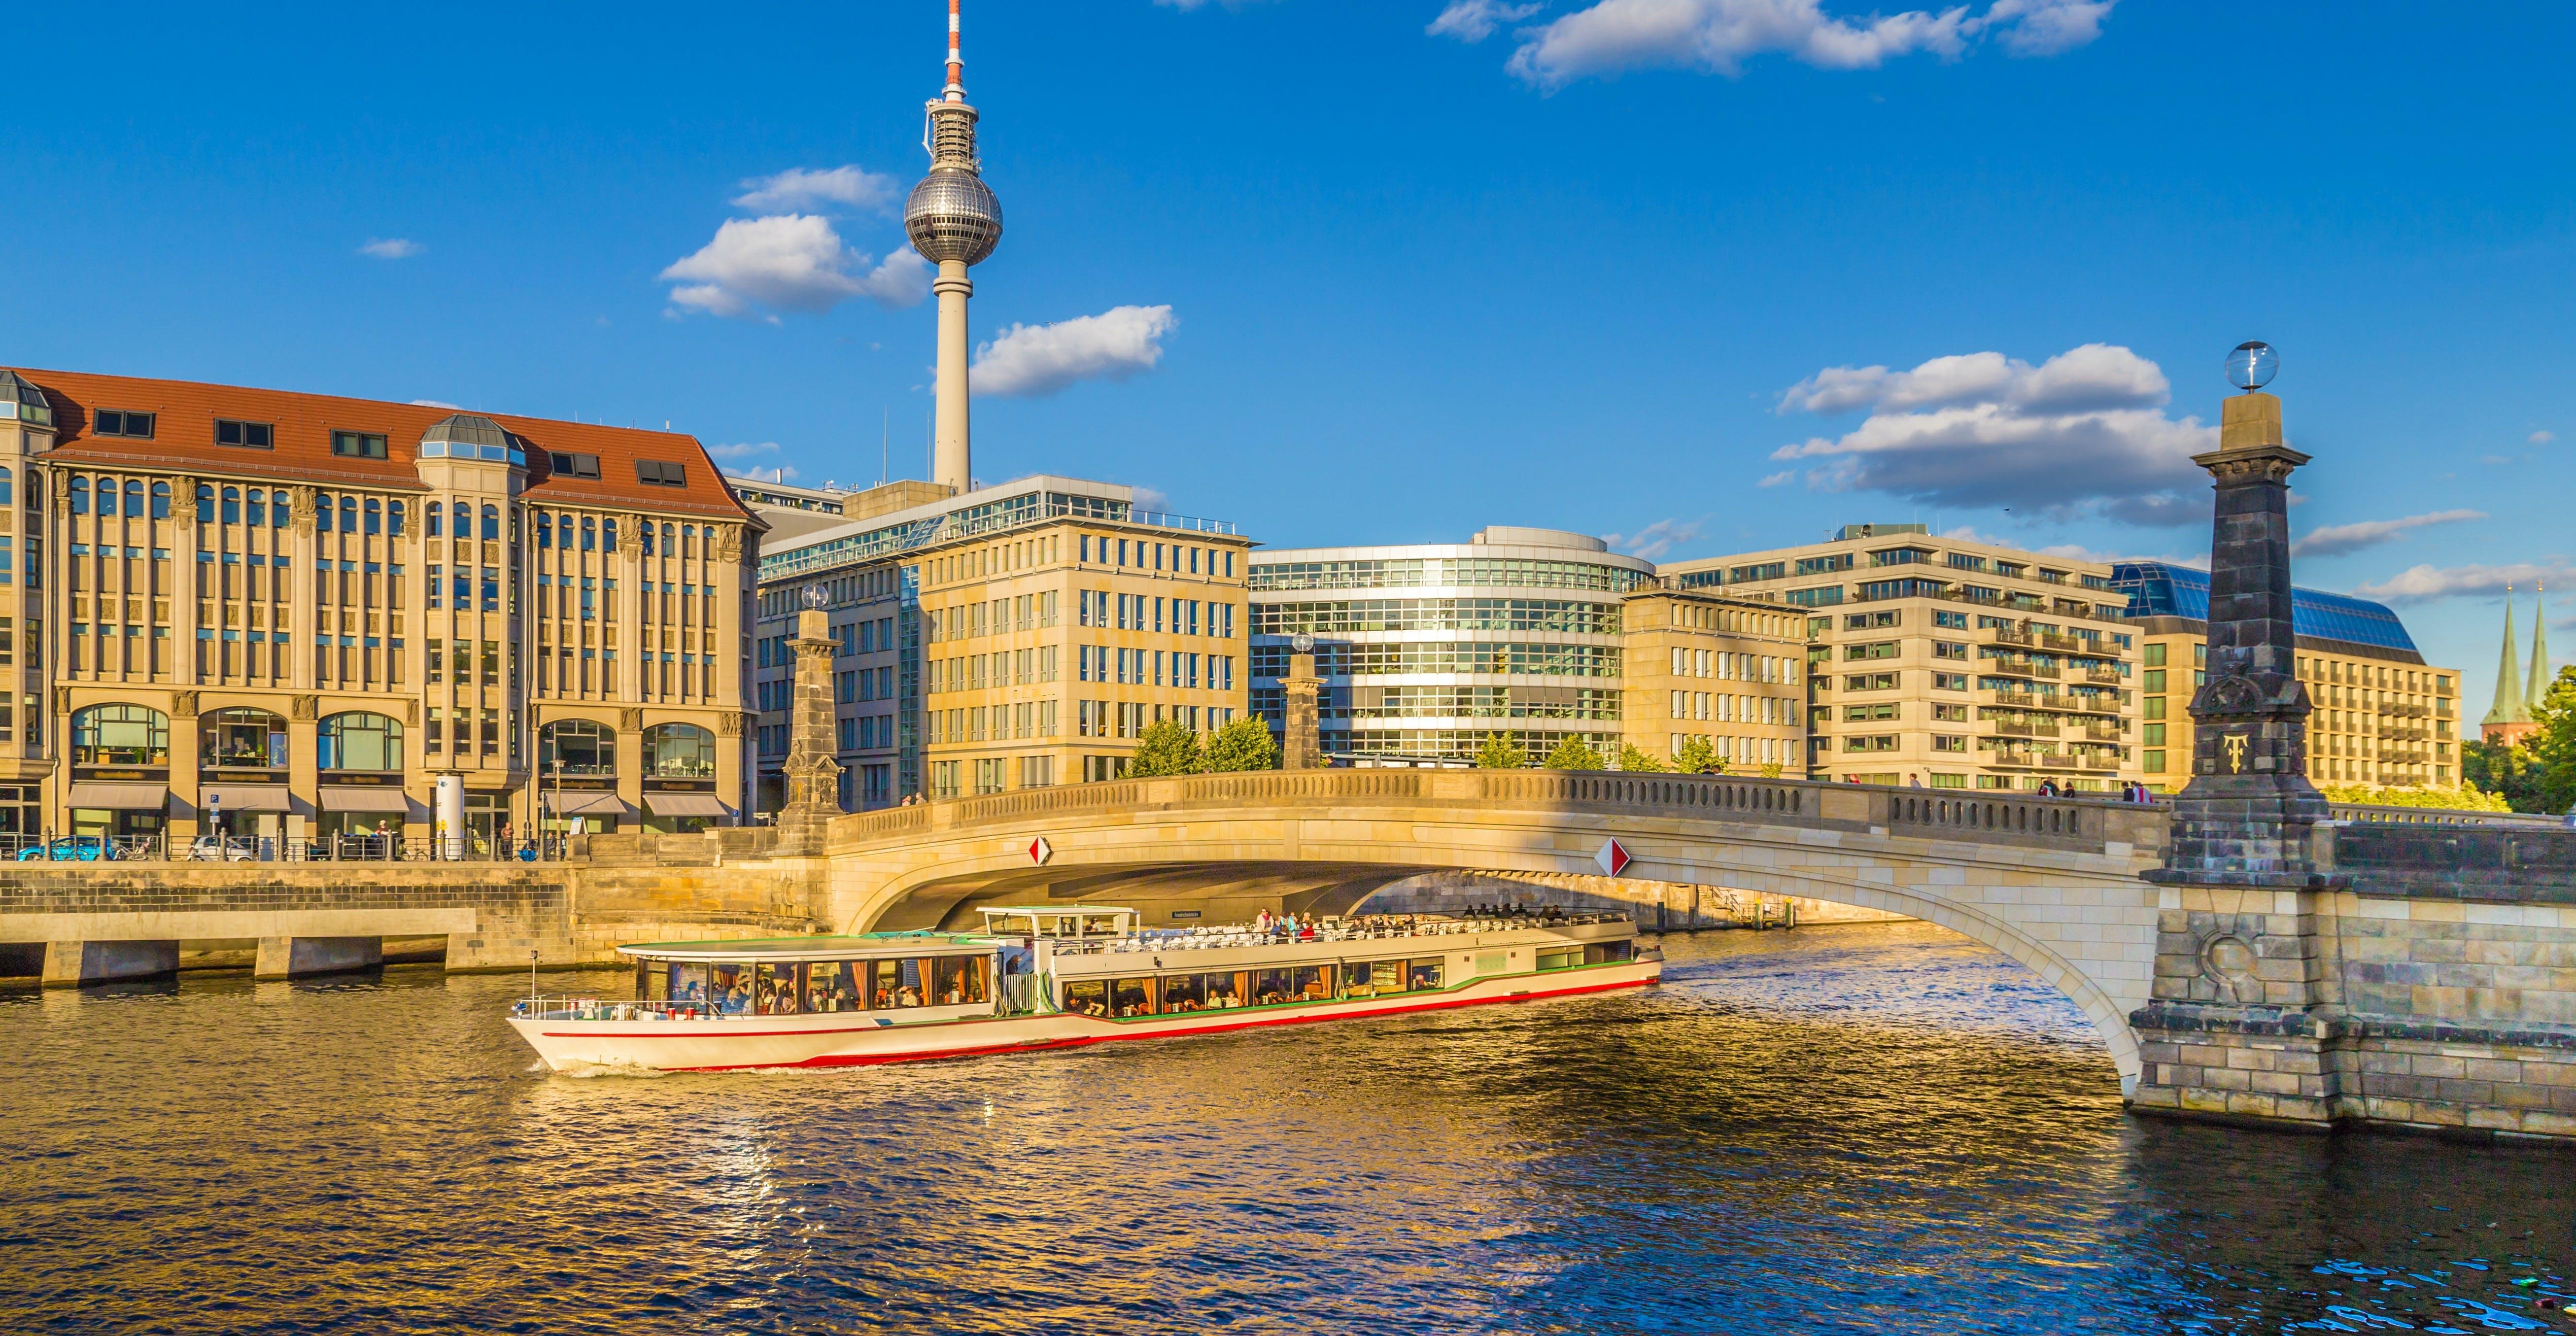 Ver la ciudad,Ver la ciudad,Actividades,Visitas en autobús,Visitas en barco o acuáticas,Actividades acuáticas,Crucero Río Spree